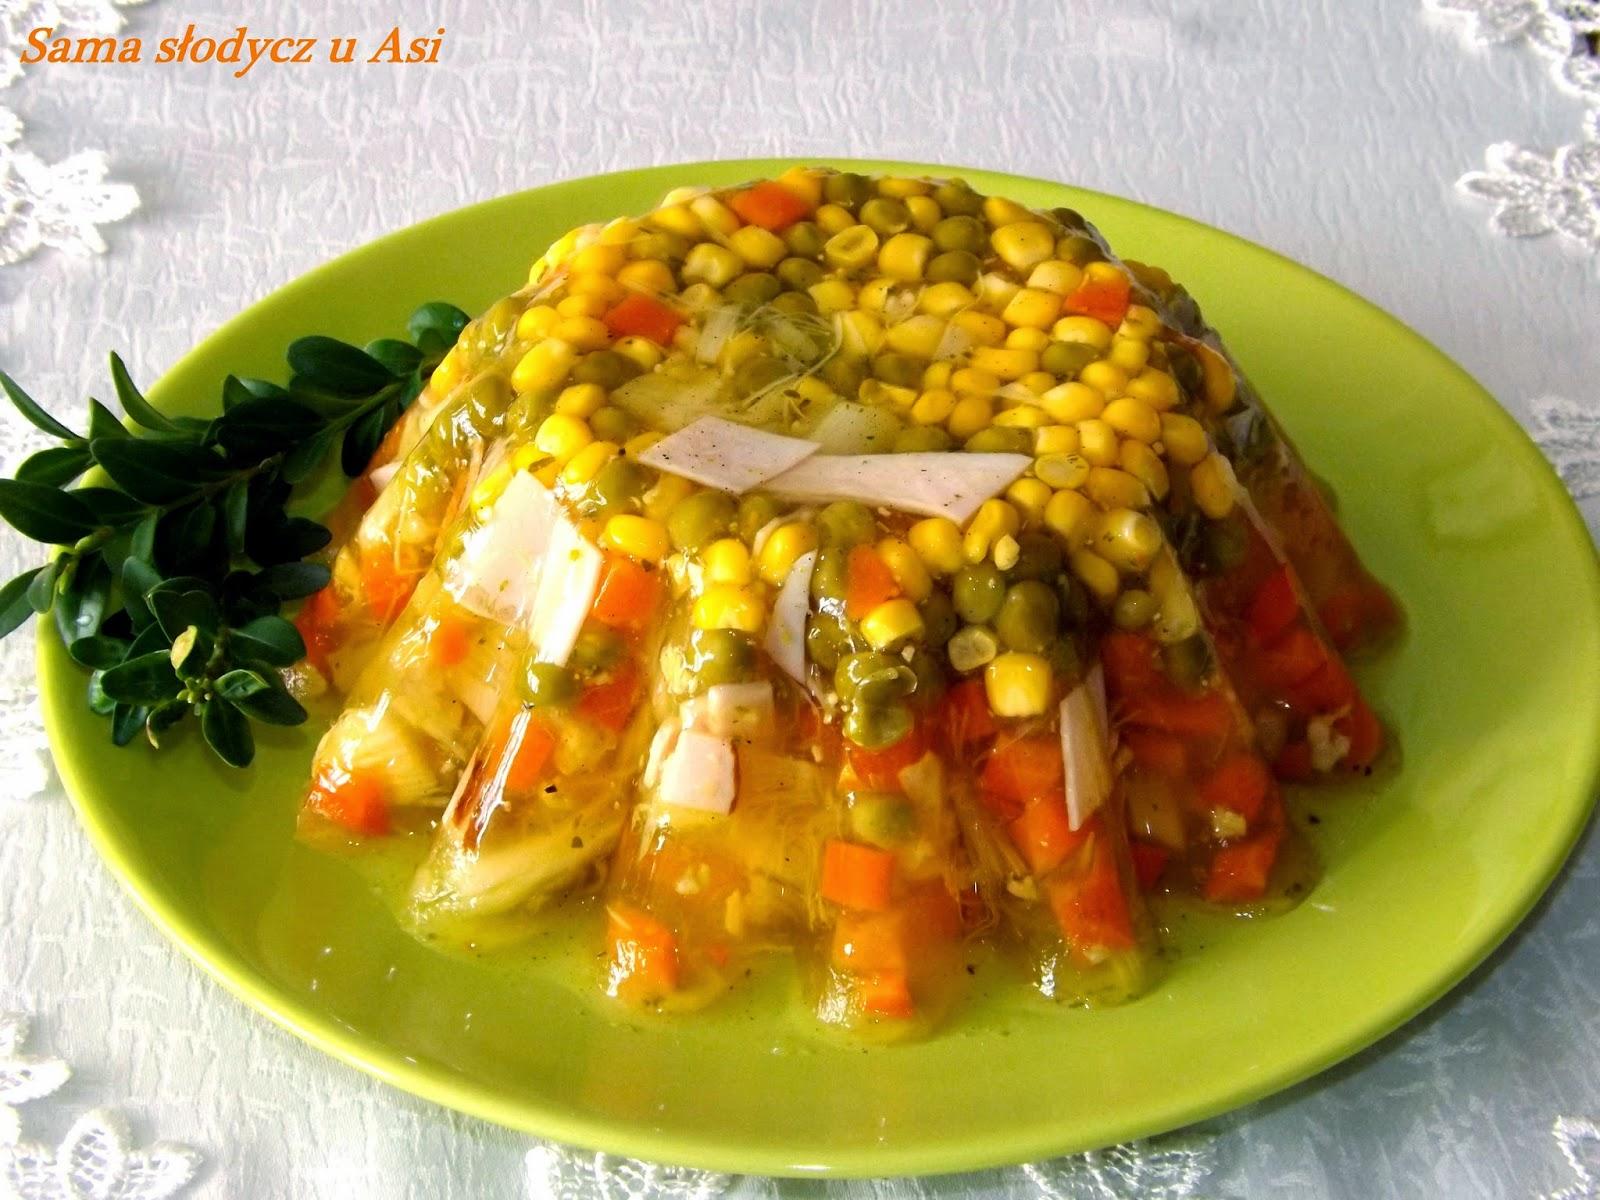 Galaretka warzywna ze szparagami i szynką